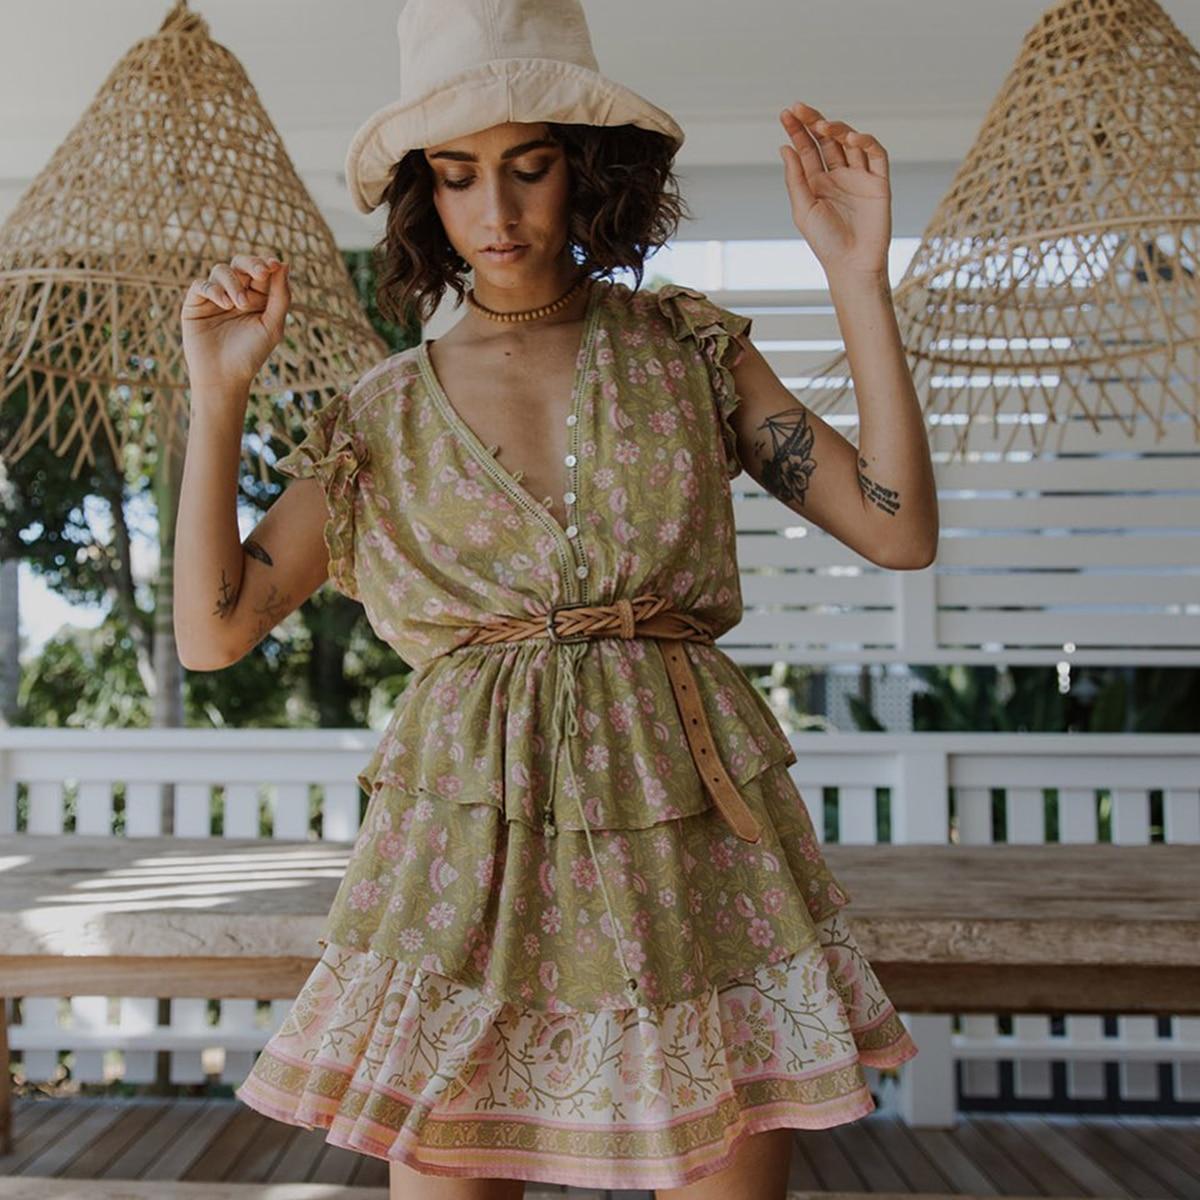 Boho été femmes imprimé Floral robe col en V bouton ceintures papillon manches décontracté lâche robe 2019 plage Mini robes